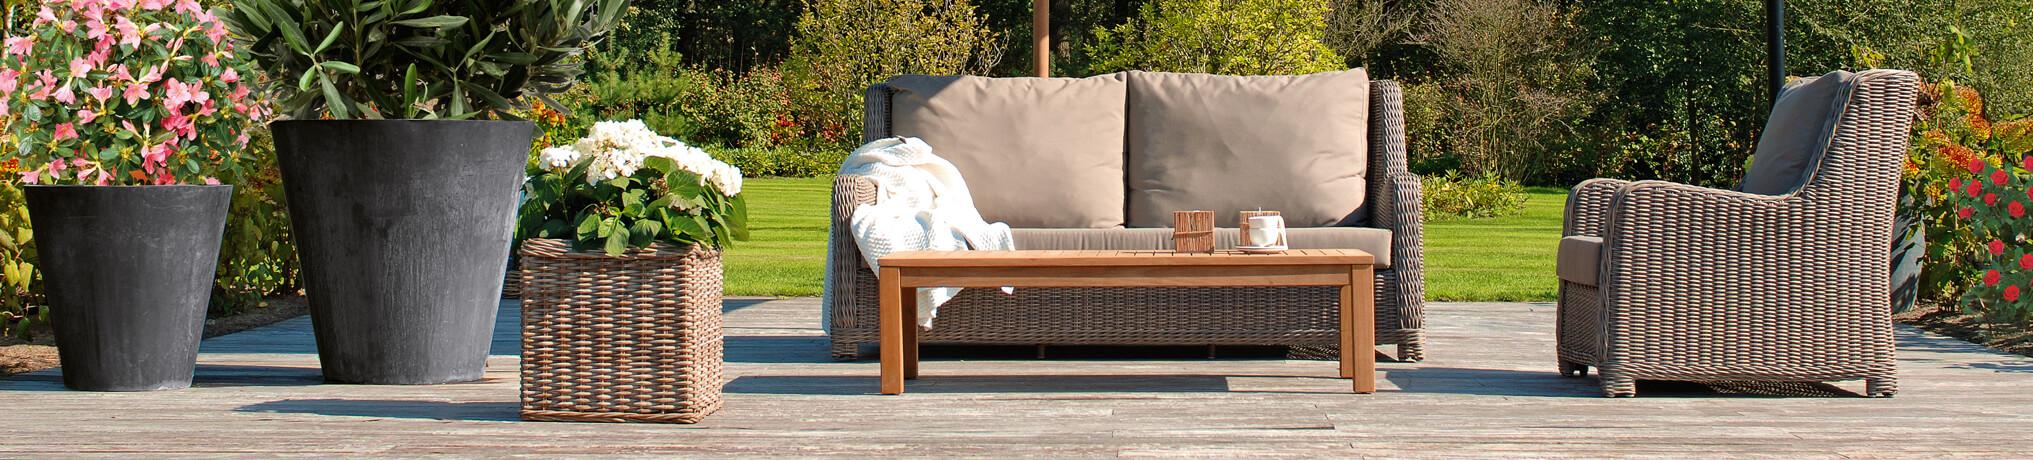 Gartenmöbel Sets online kaufen